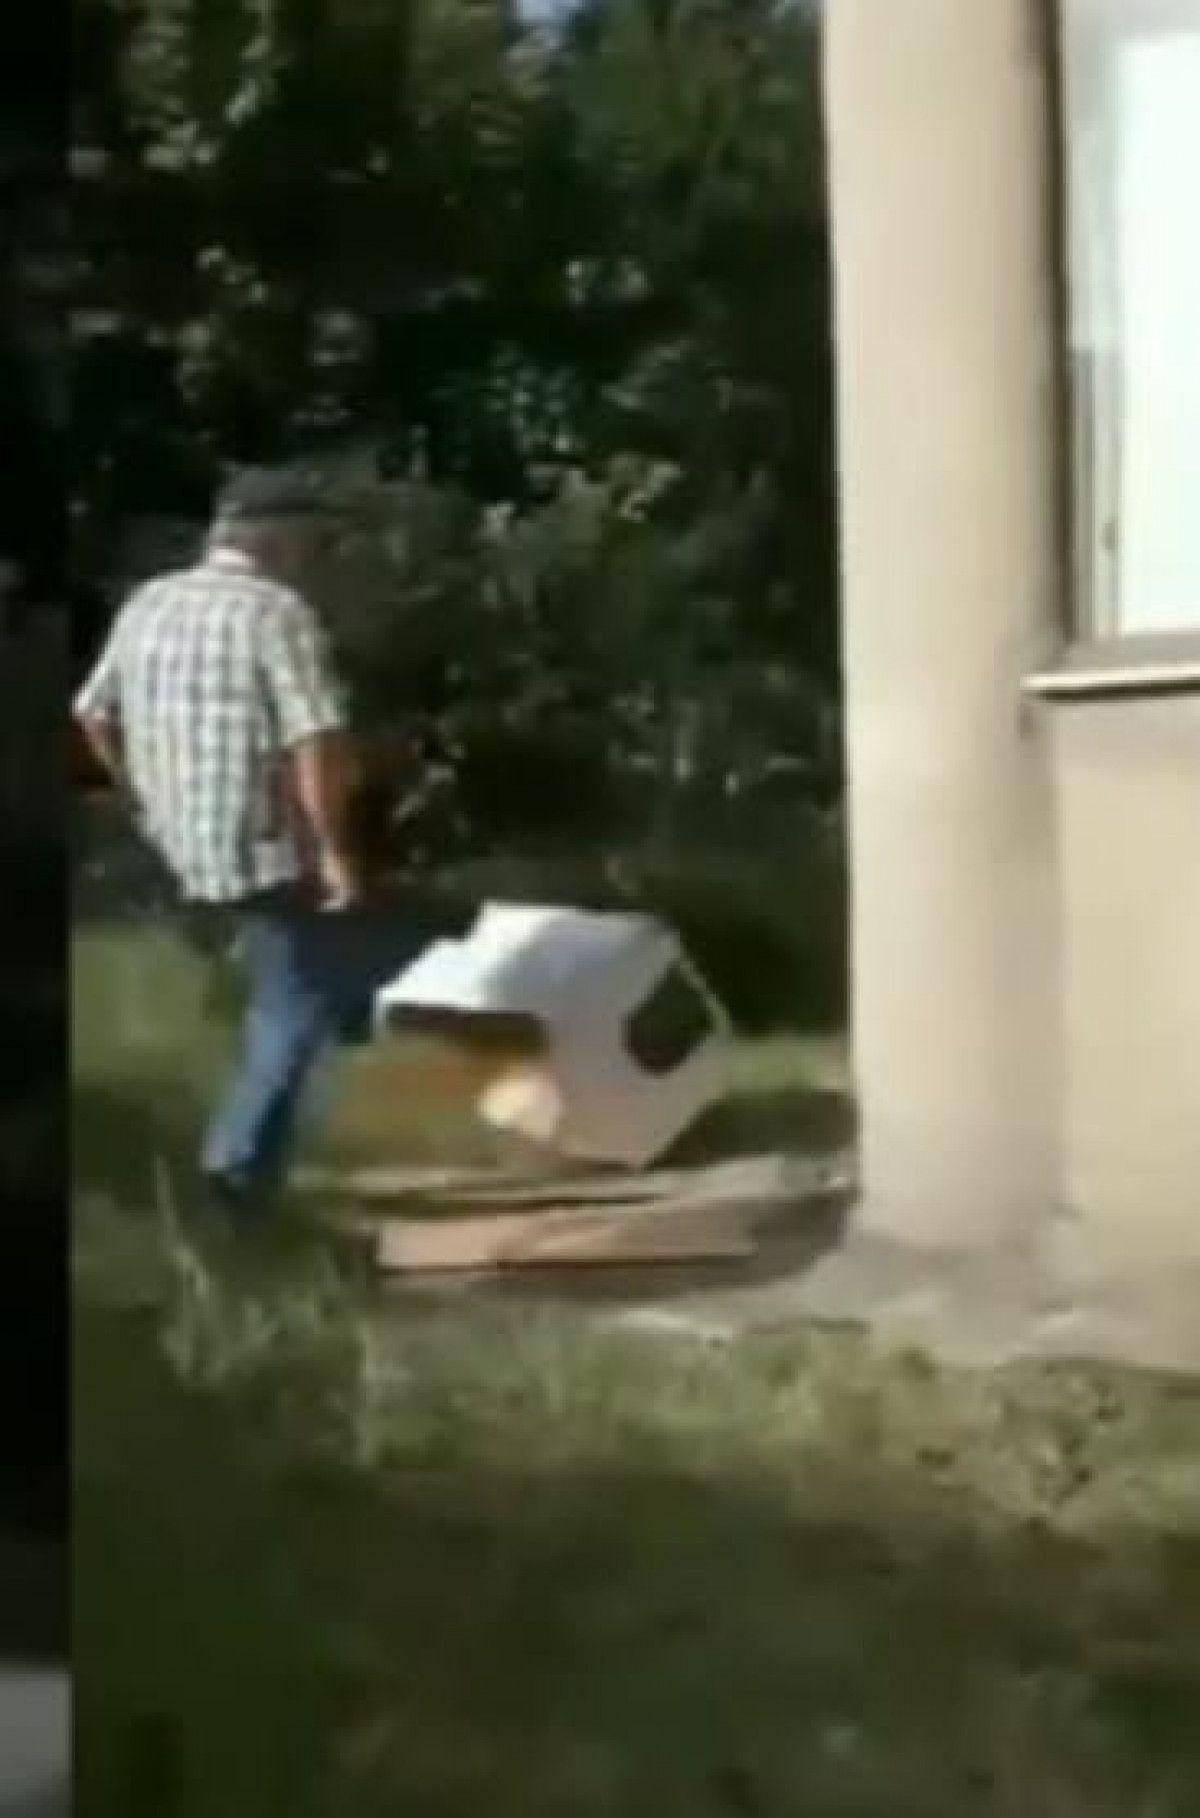 Bolu da kediyi tekmeleyen kişi, ardından kulübesini parçaladı #3